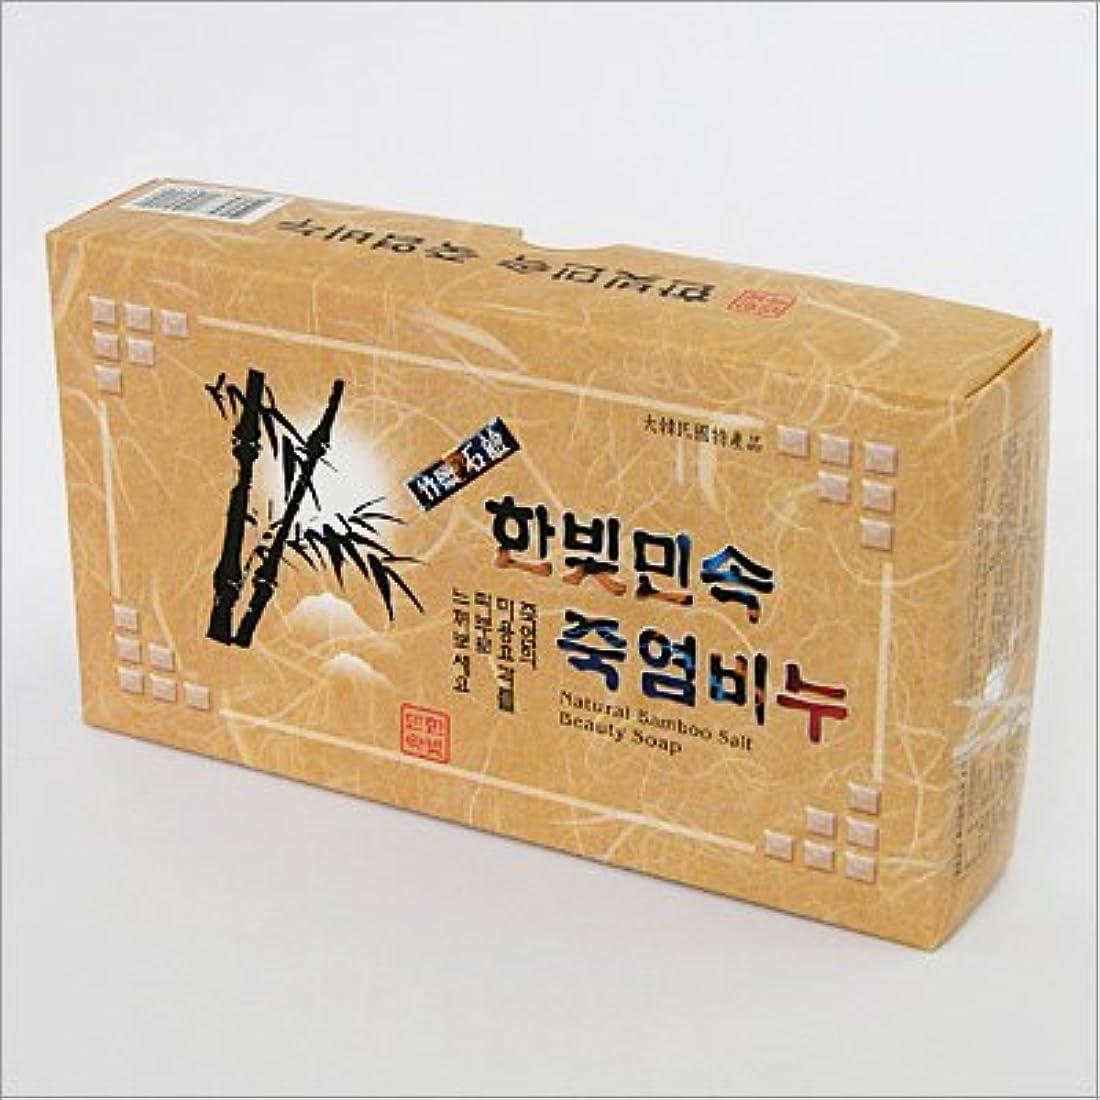 透過性検閲大使館(韓国ブランド) 韓国 竹塩石鹸(3個セット)